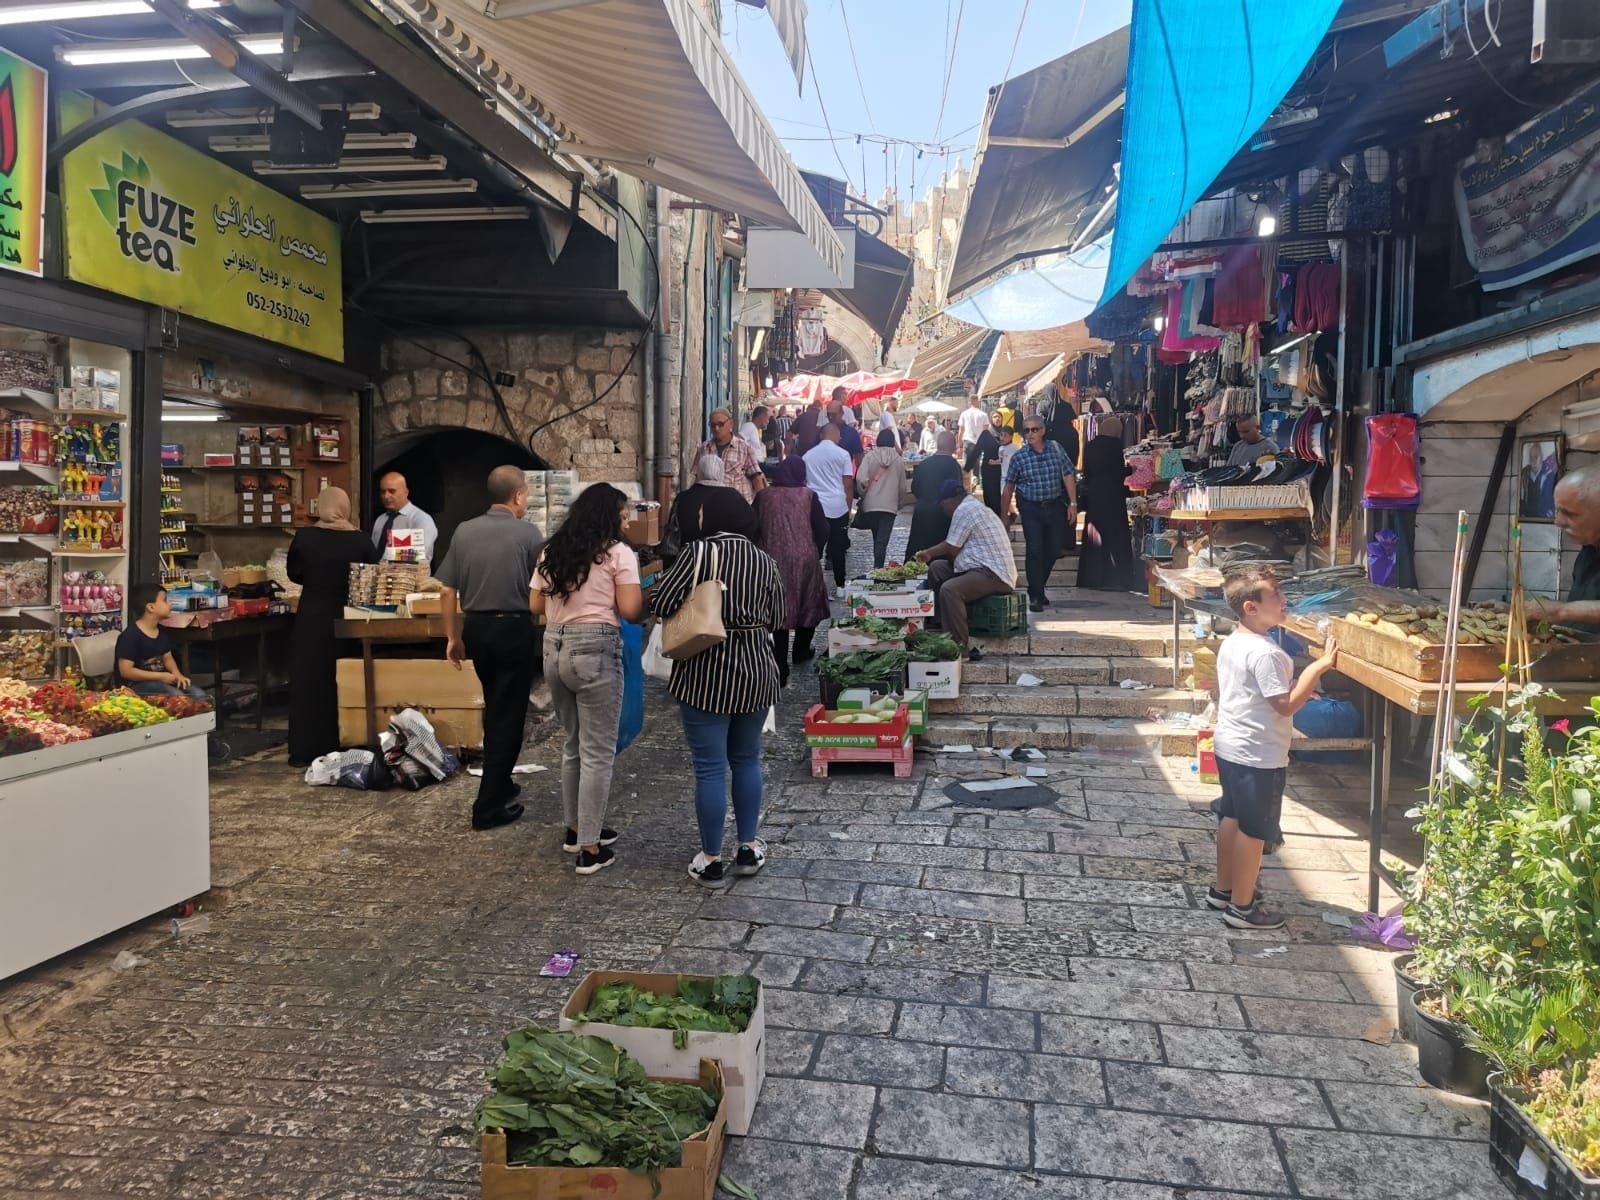 قبيل عيد الأضحى .. الأوضاع الاقتصادية والسياسية تلقي بظلالها على أسواق القدس-7